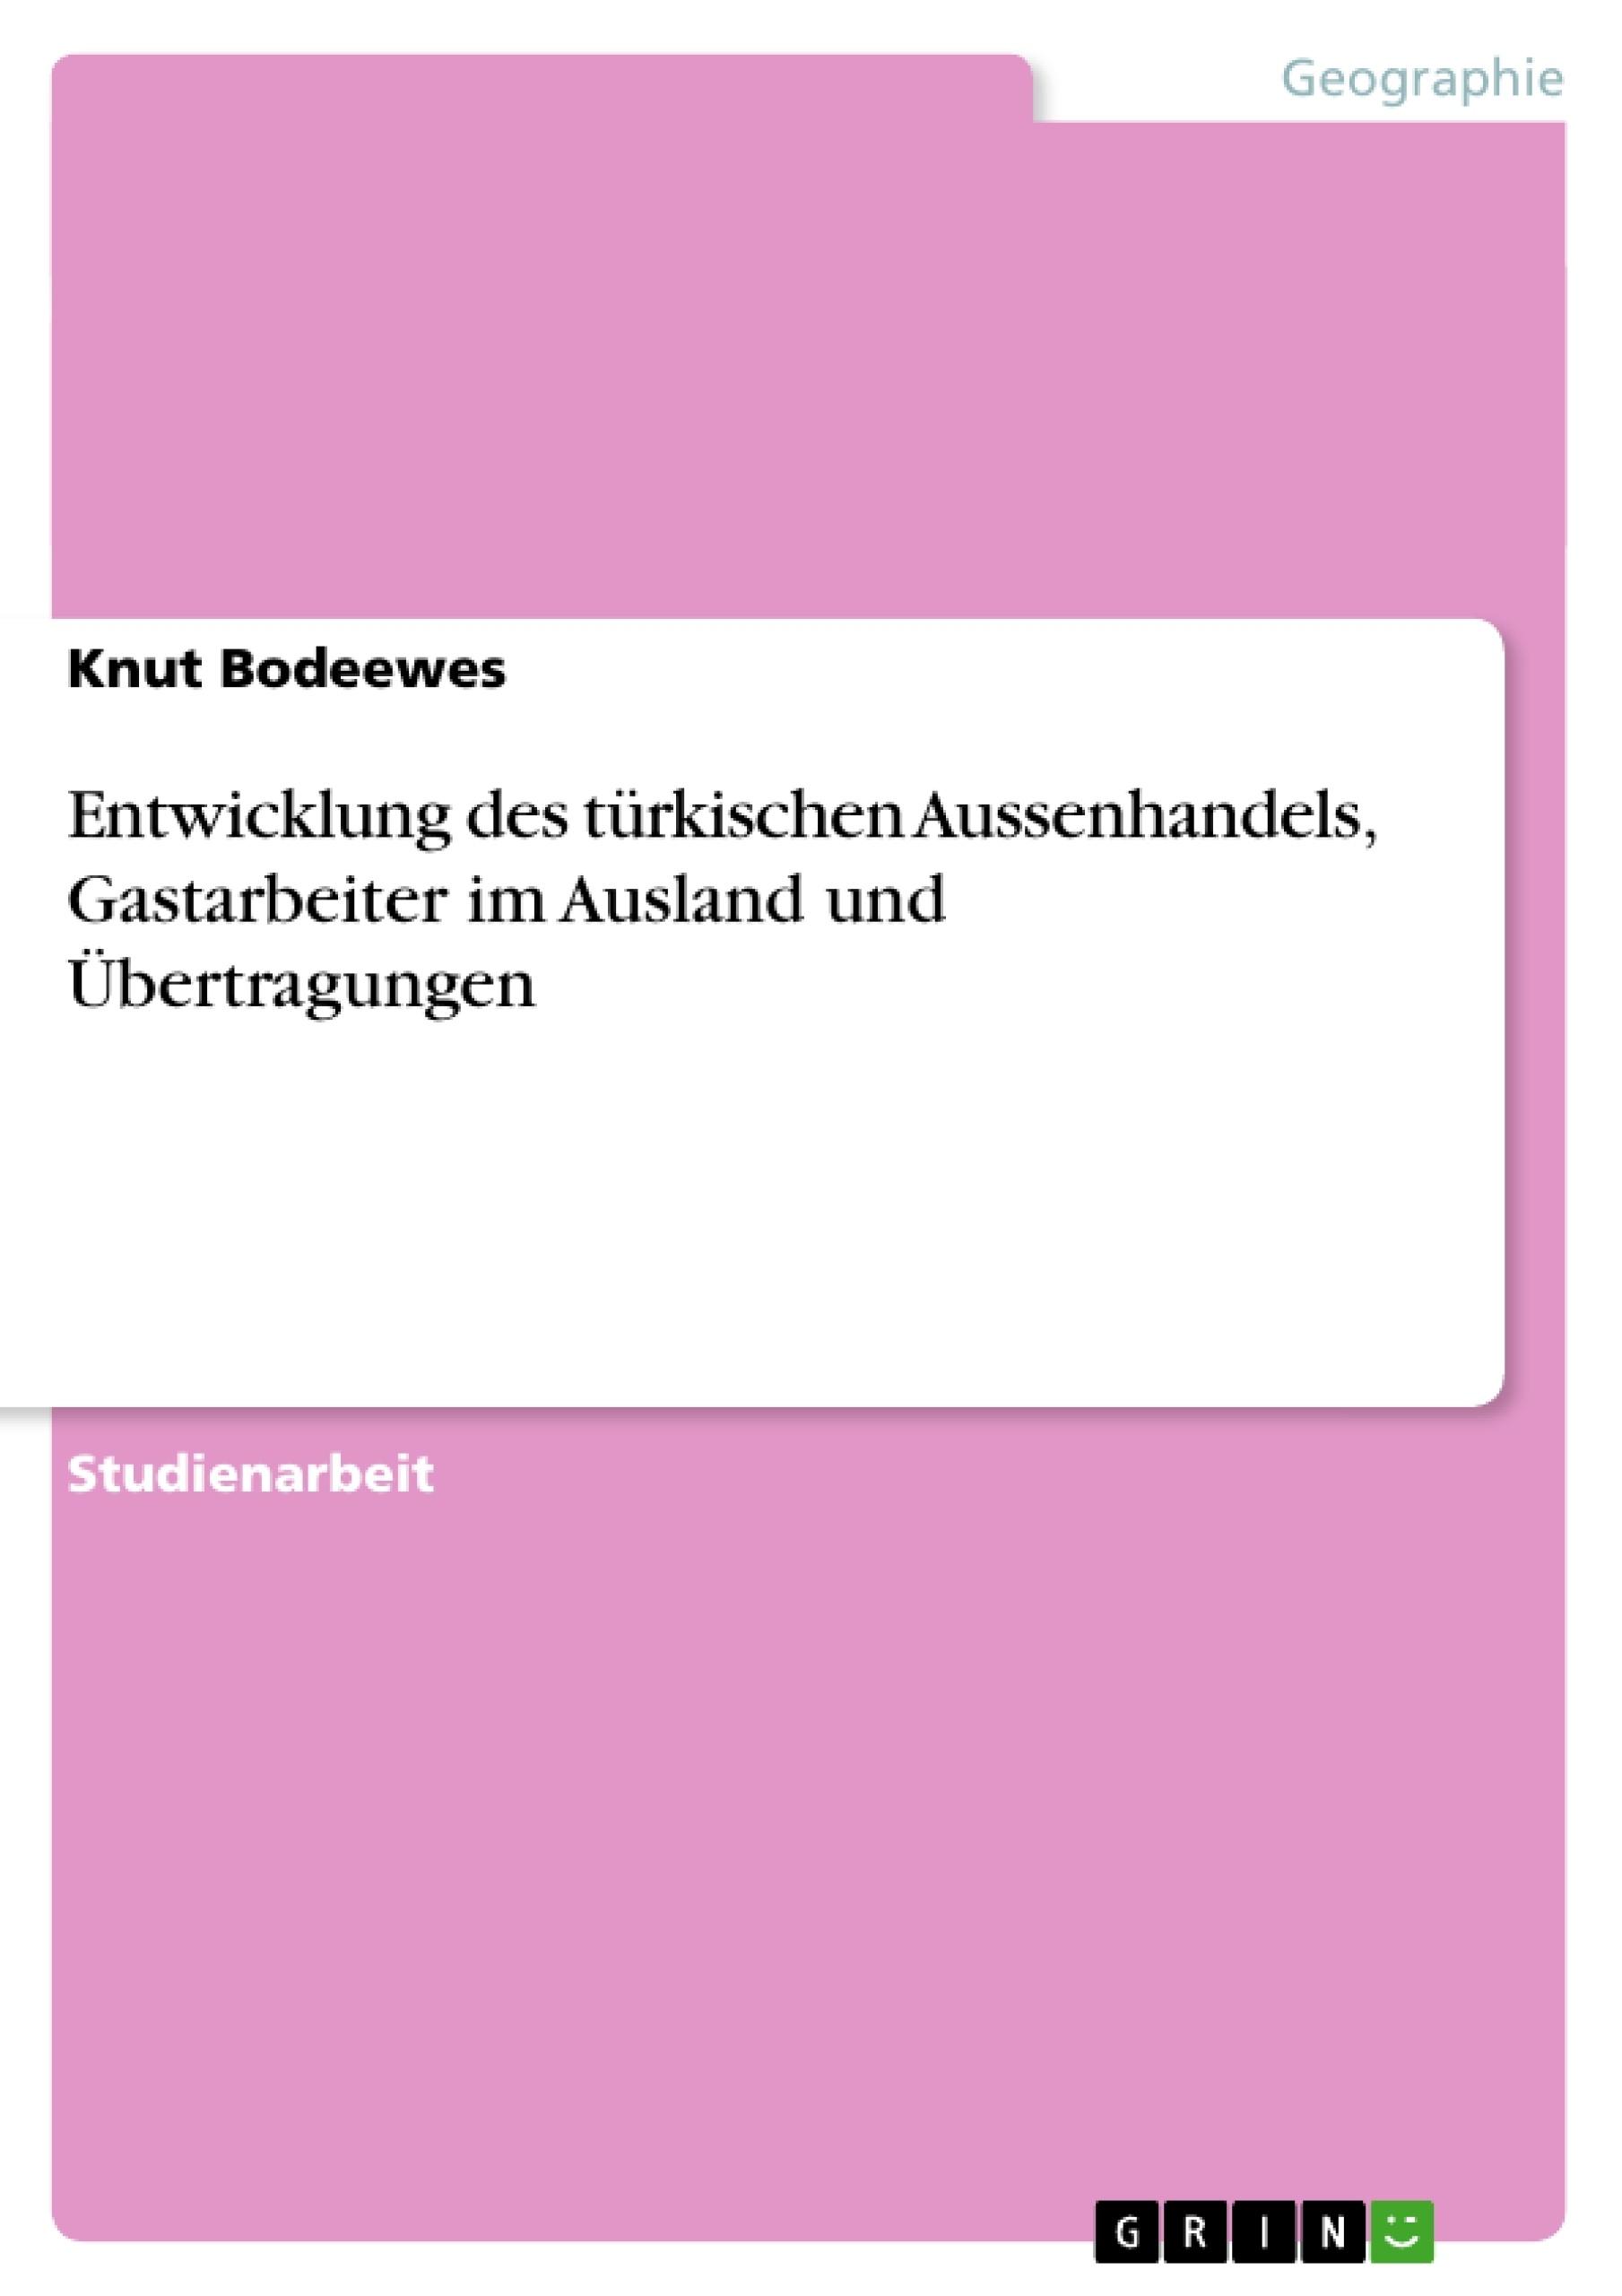 Titel: Entwicklung des türkischen Aussenhandels, Gastarbeiter im Ausland und Übertragungen